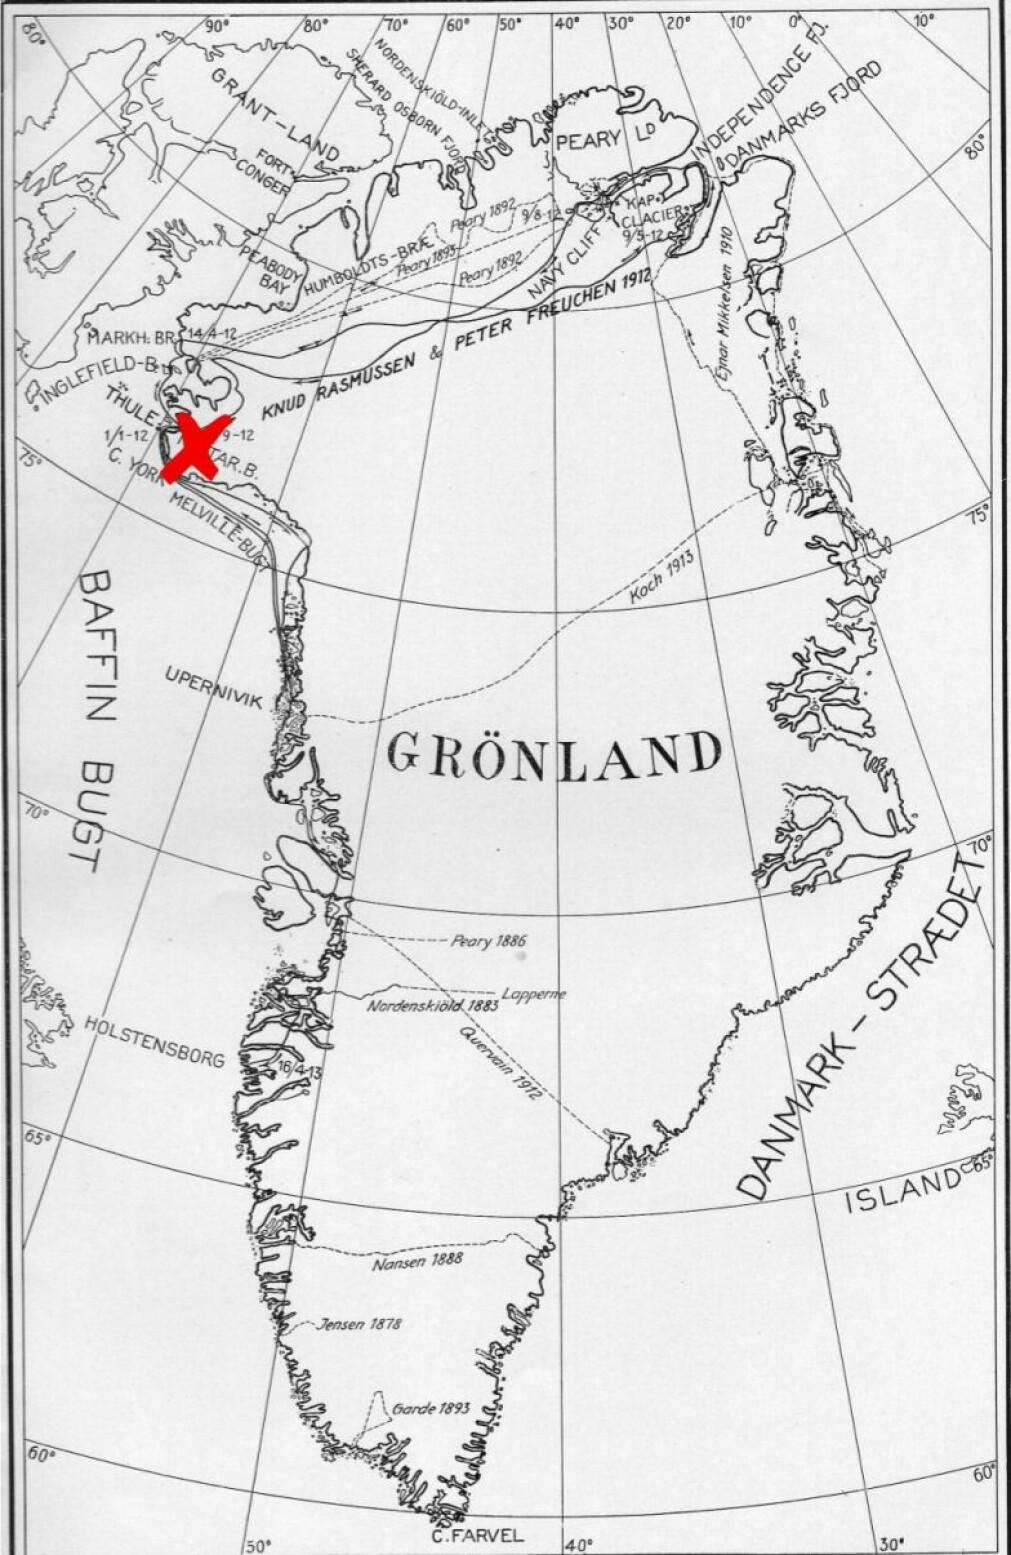 Reisen gikk til Moriusaq nord for Thule-basen, som fikk bygdestatus i 1962. På slutten av 2009 var det bare to beboere igjen, og i september 2010 flyttet den siste beboeren til Qaanaaq.